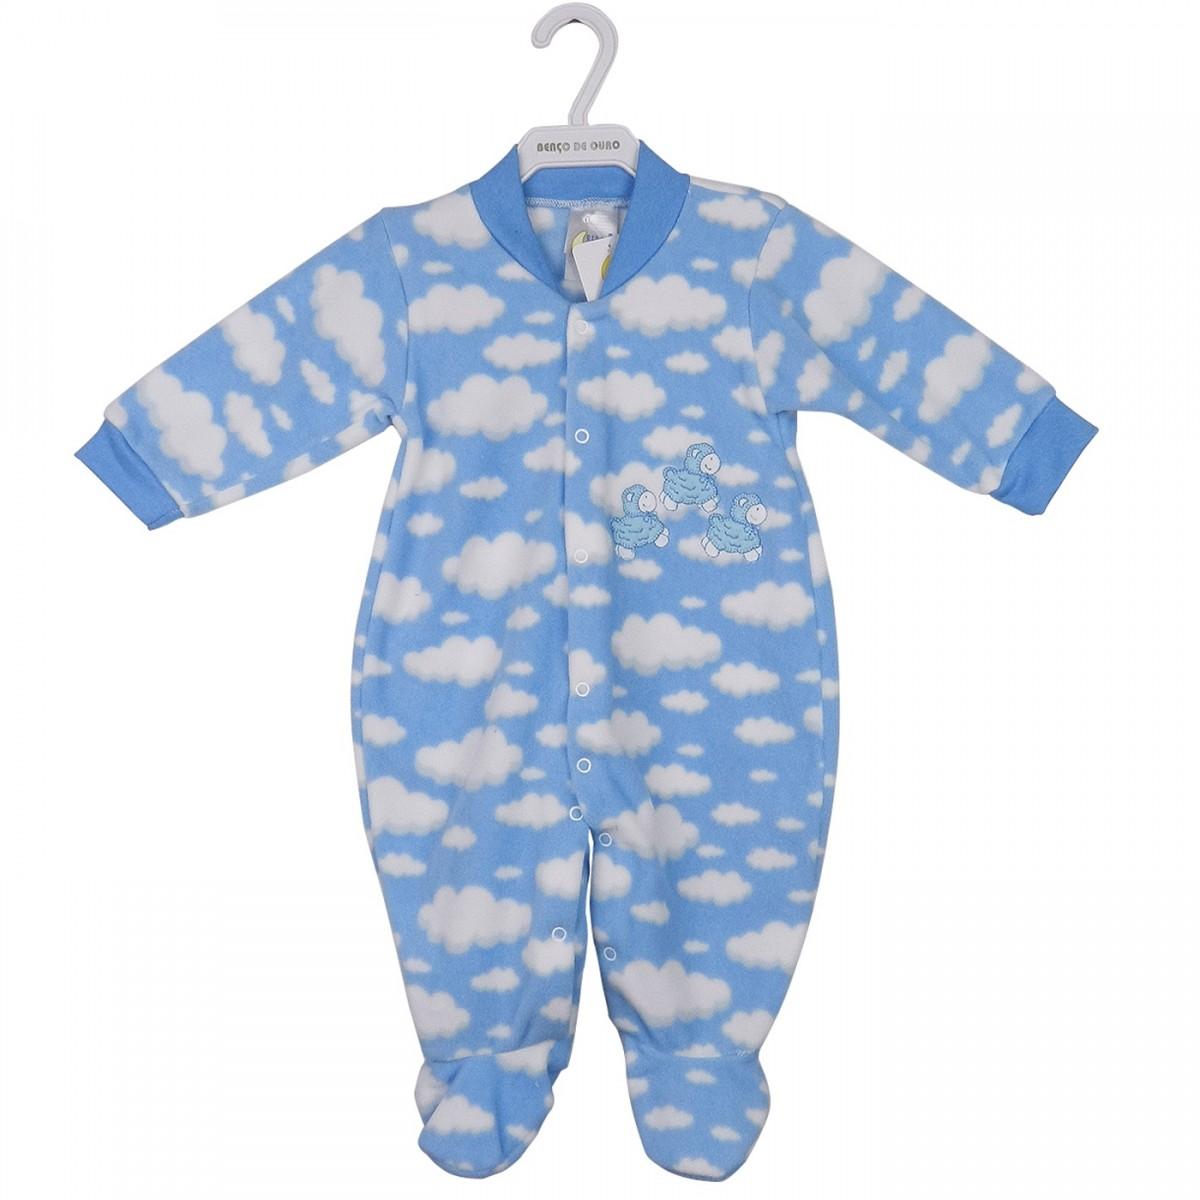 46cdbc05b Bizz Store - Macacão Infantil Recém Nascido Berço de Ouro Ovelha